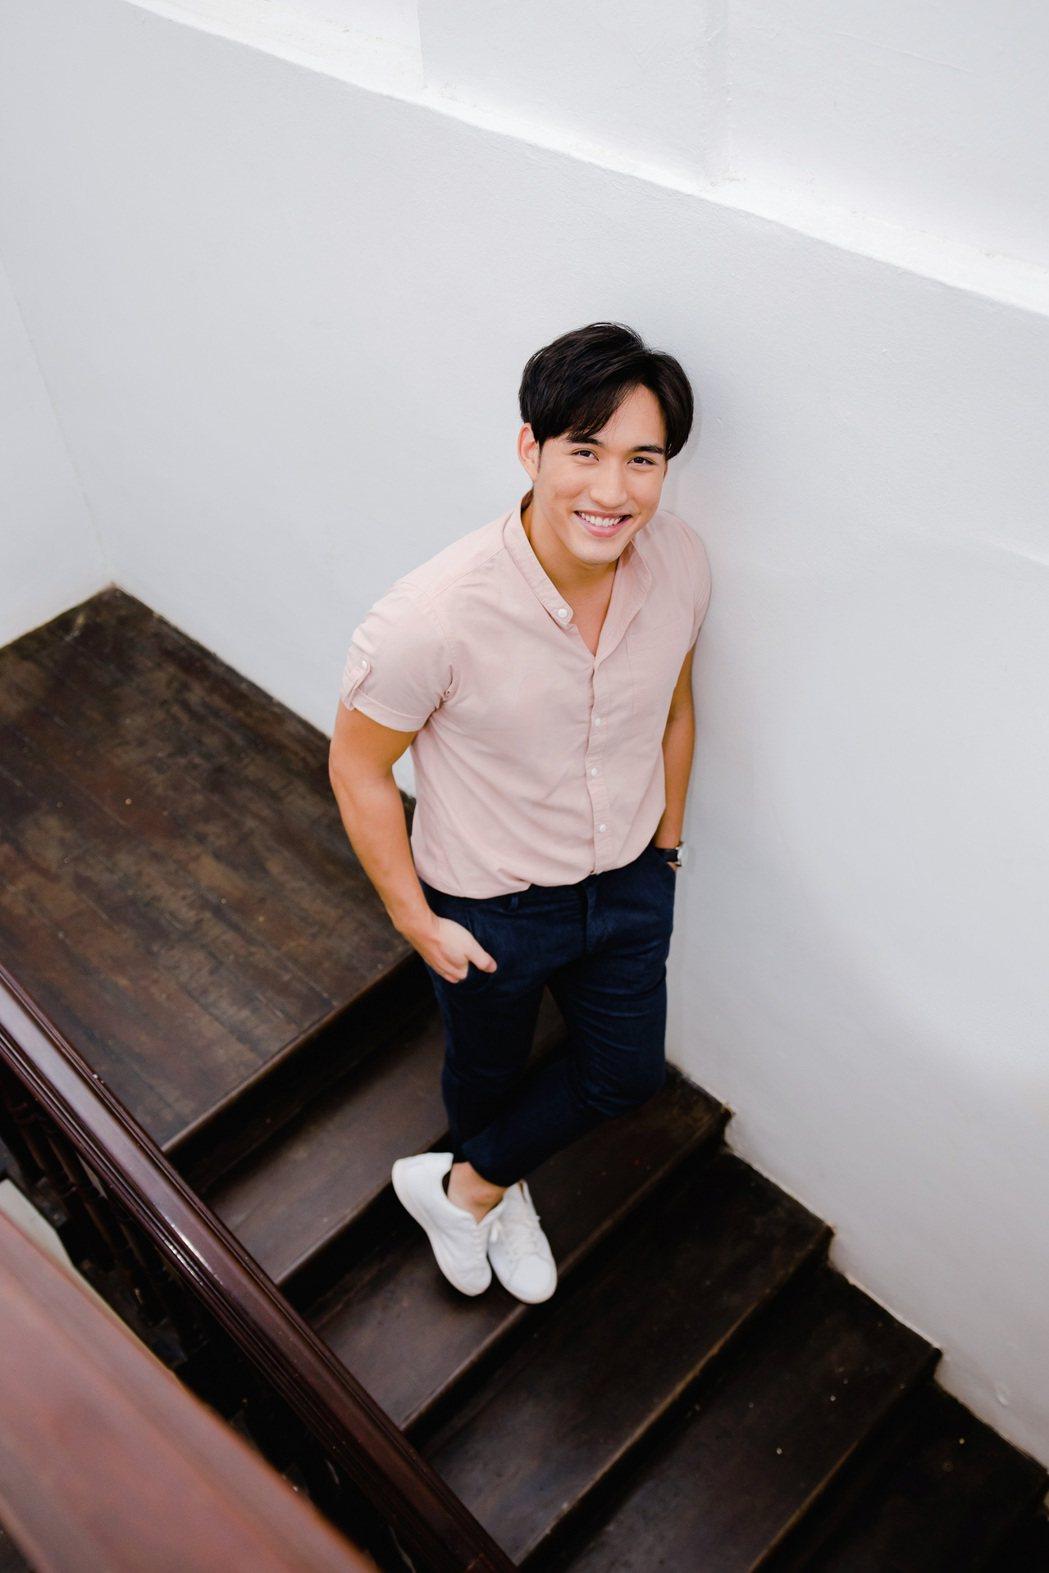 李俊緯為圓歌手夢,放棄年薪百萬的房地產工作。圖/李俊緯提供